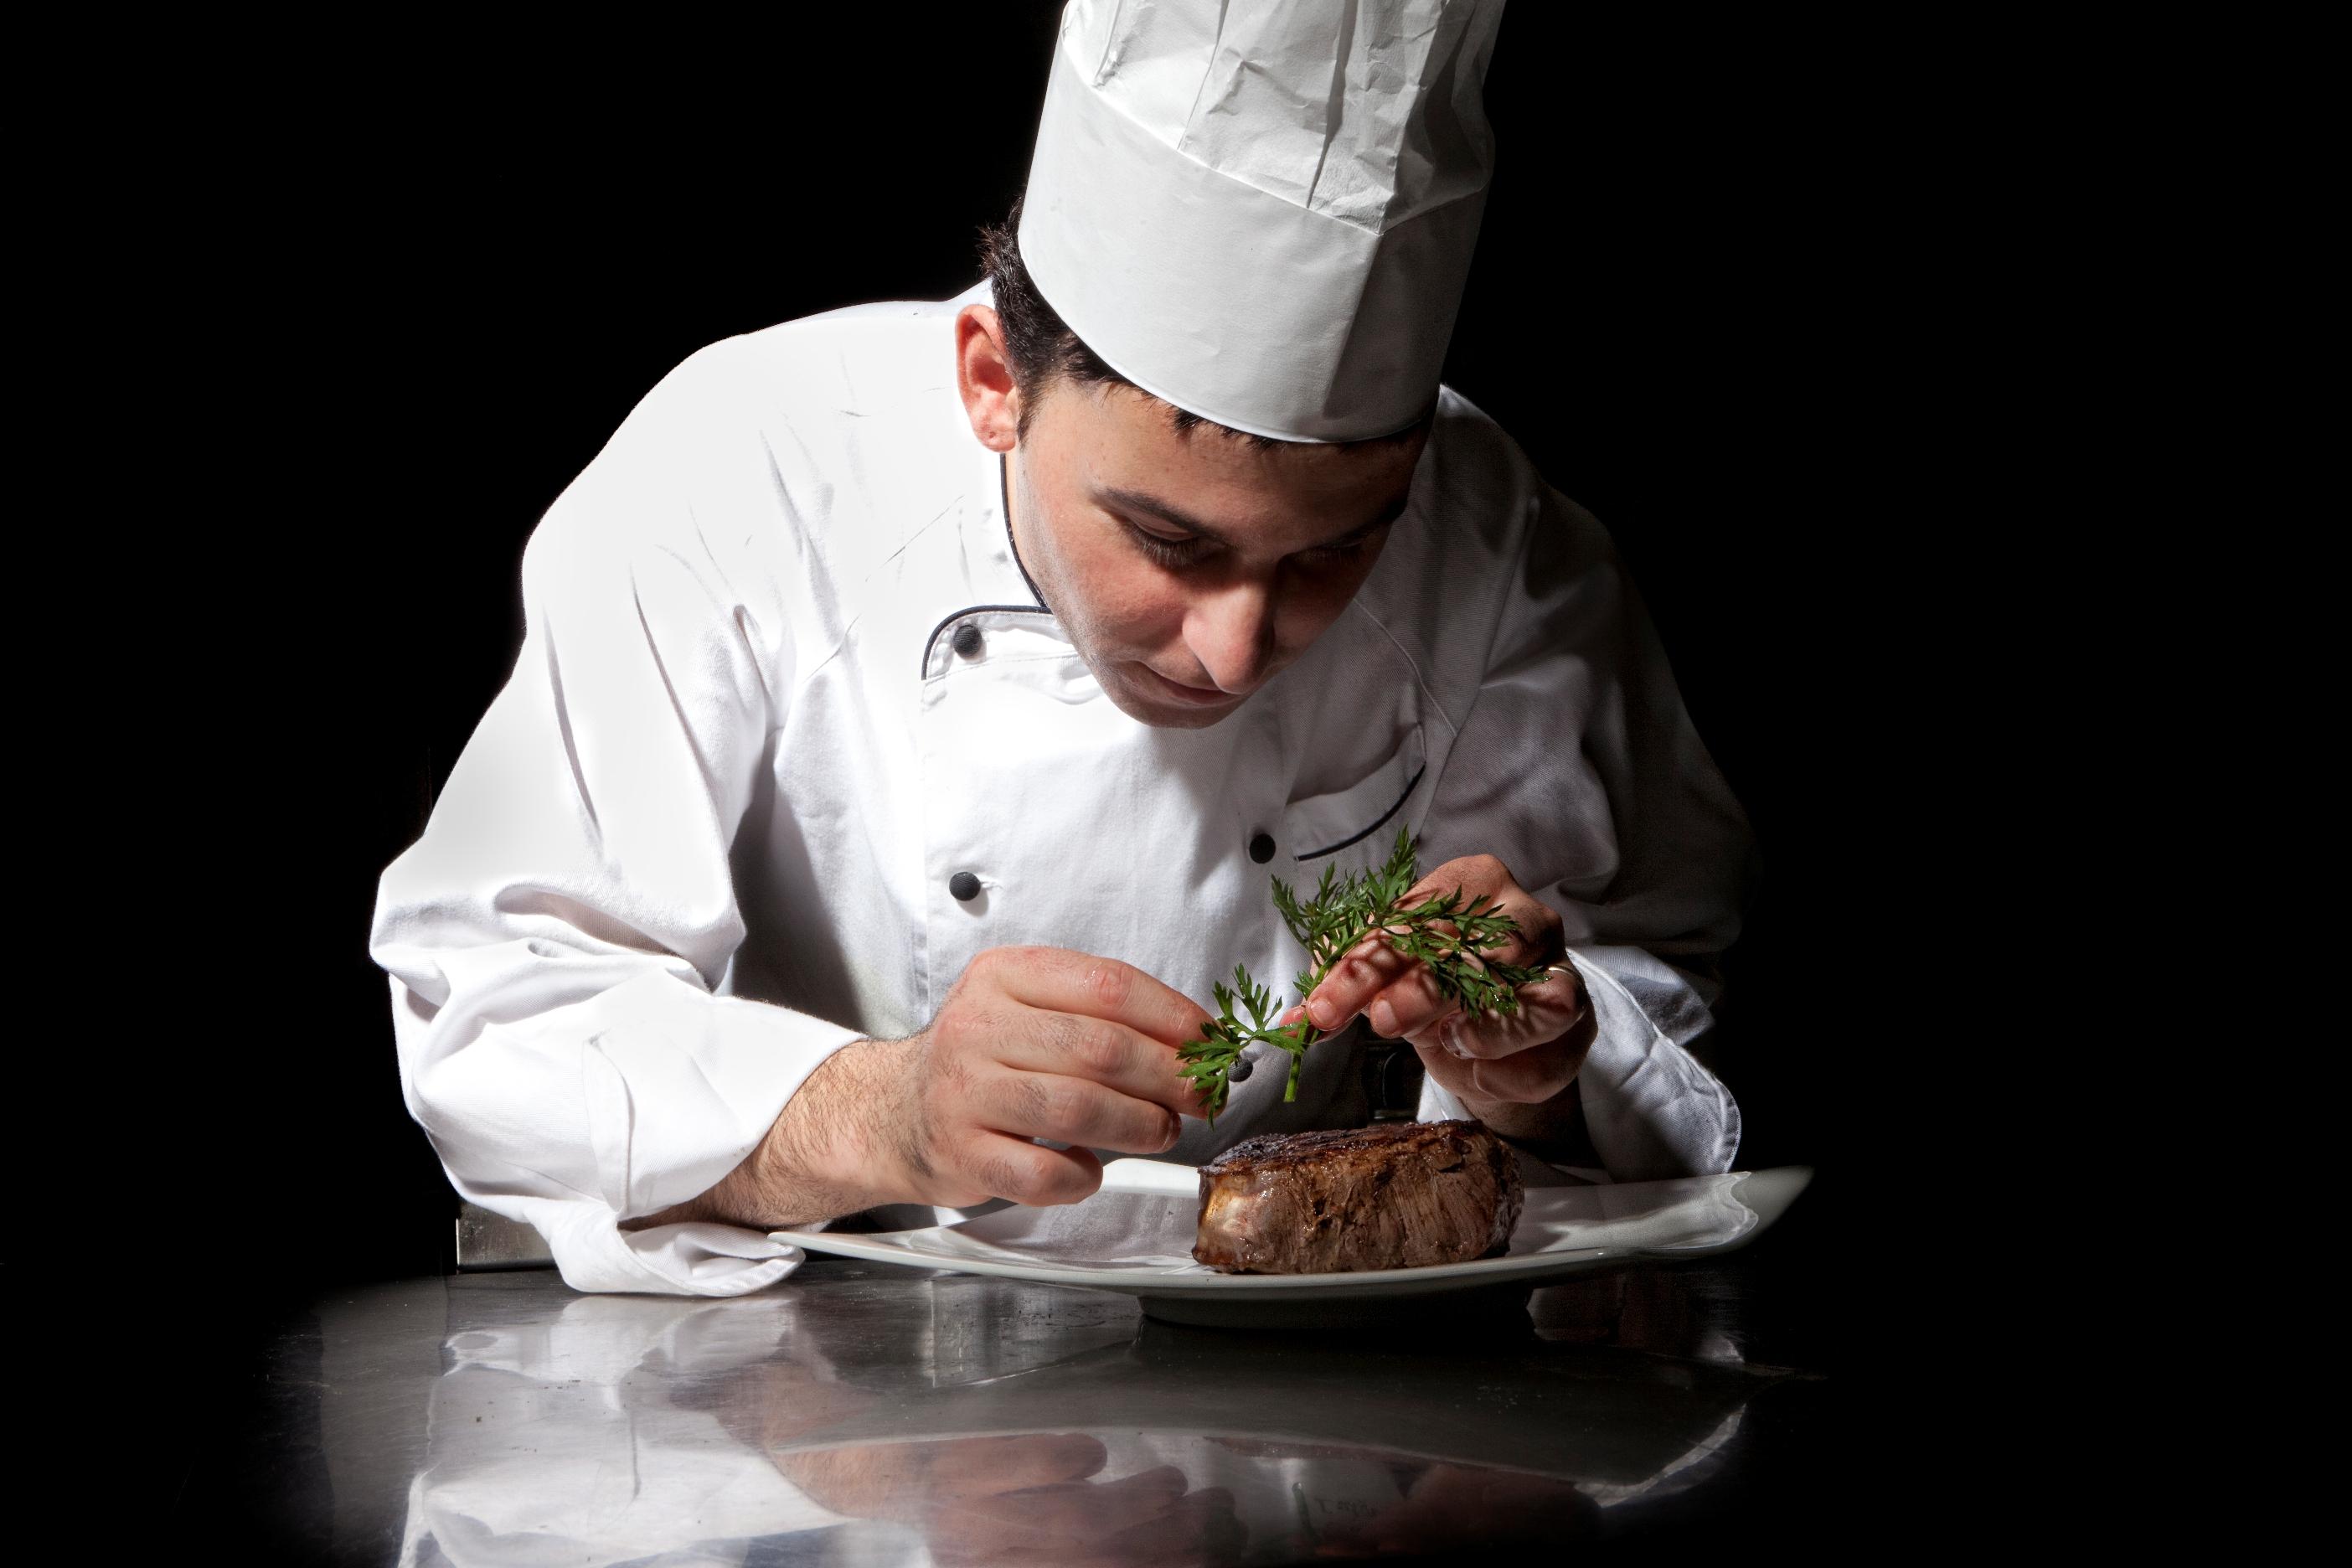 Luigi lionetti il nuovo executive chef dell hotel punta tragara - Cucina molecolare chef ...